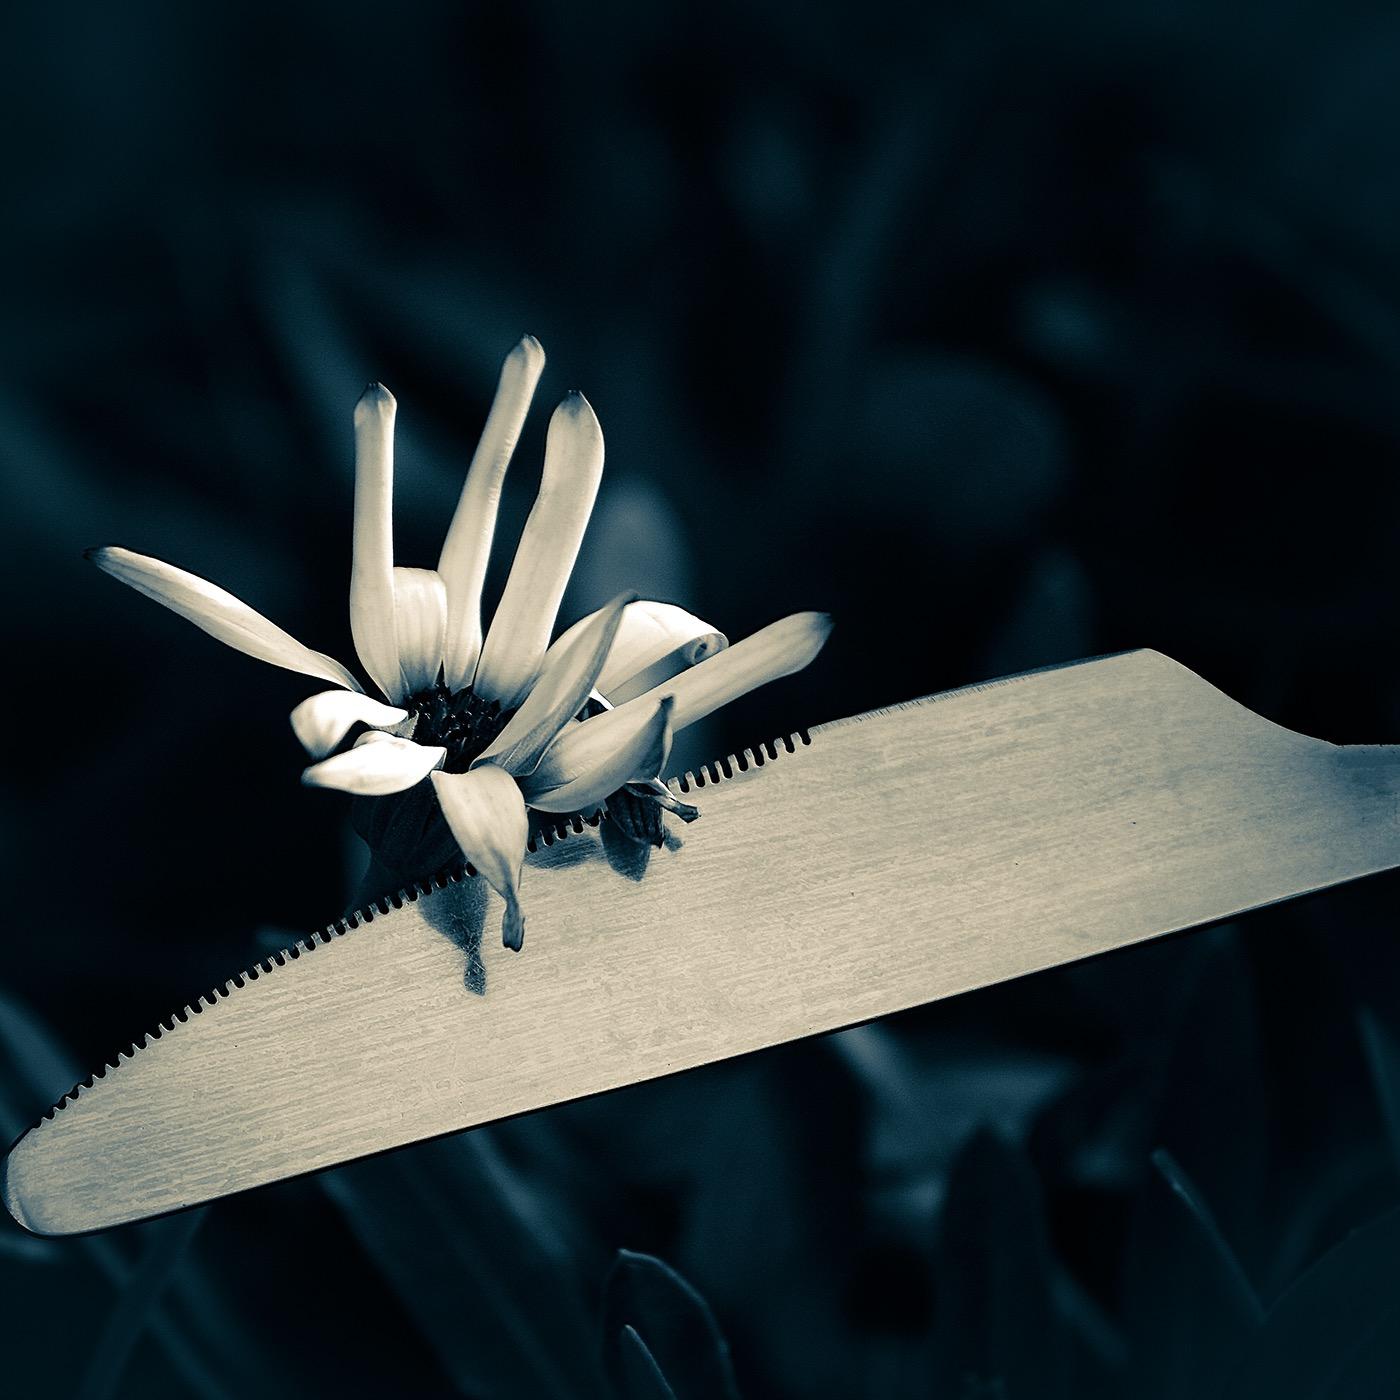 Столовые приборы Cutlery / фото Karyn Easton